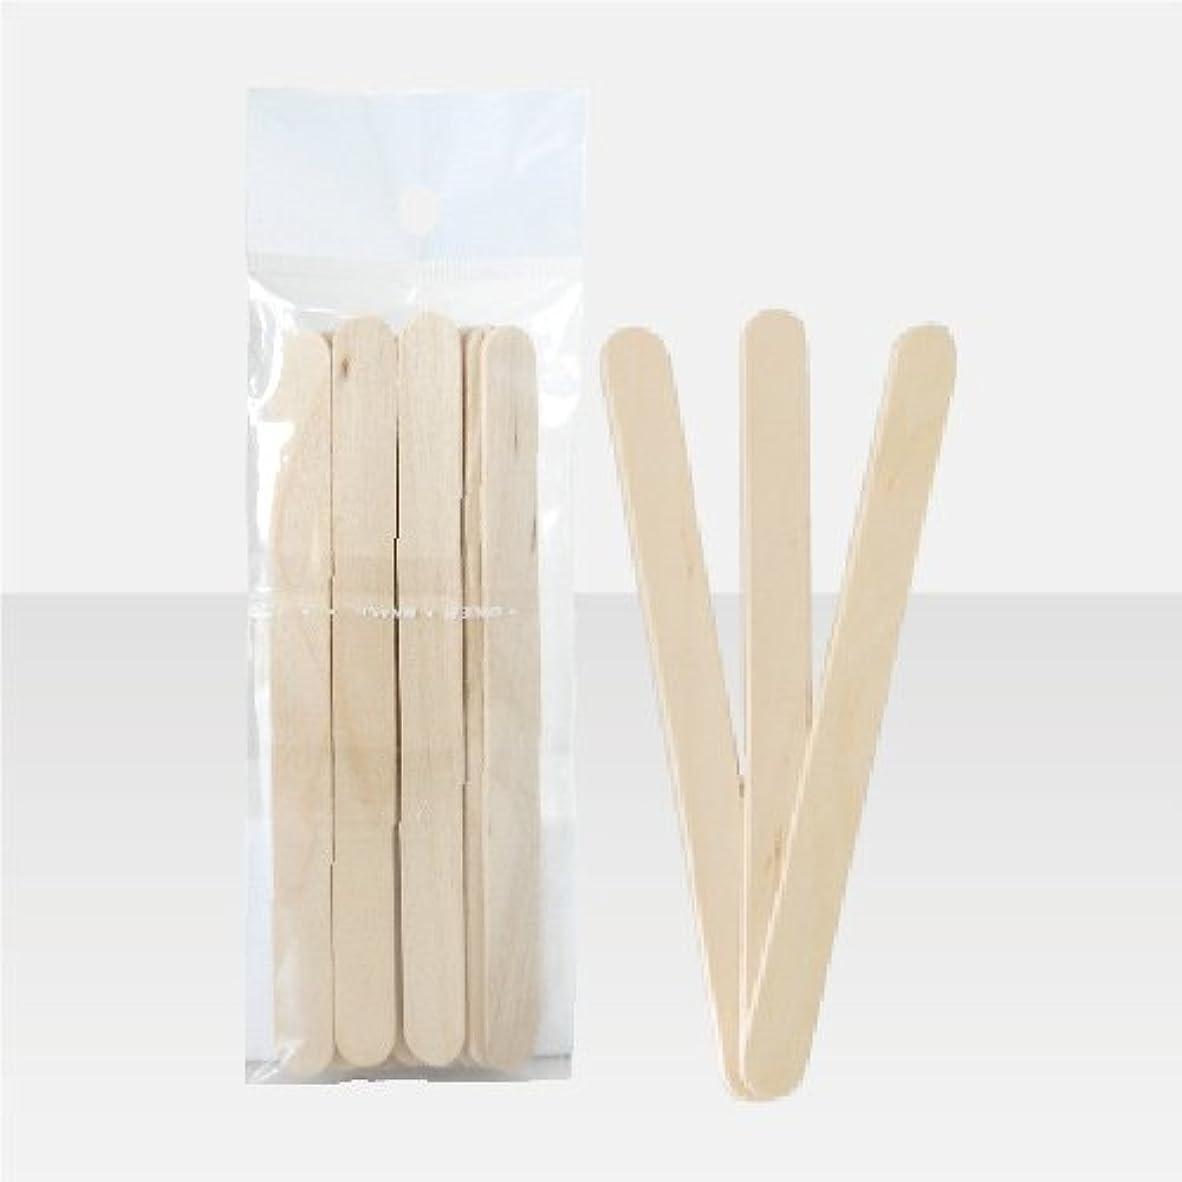 部完璧肉腫ブラジリアンワックス 脱毛ワックス用  ワックススパチュラ 木ベラ /10本セット Sサイズ